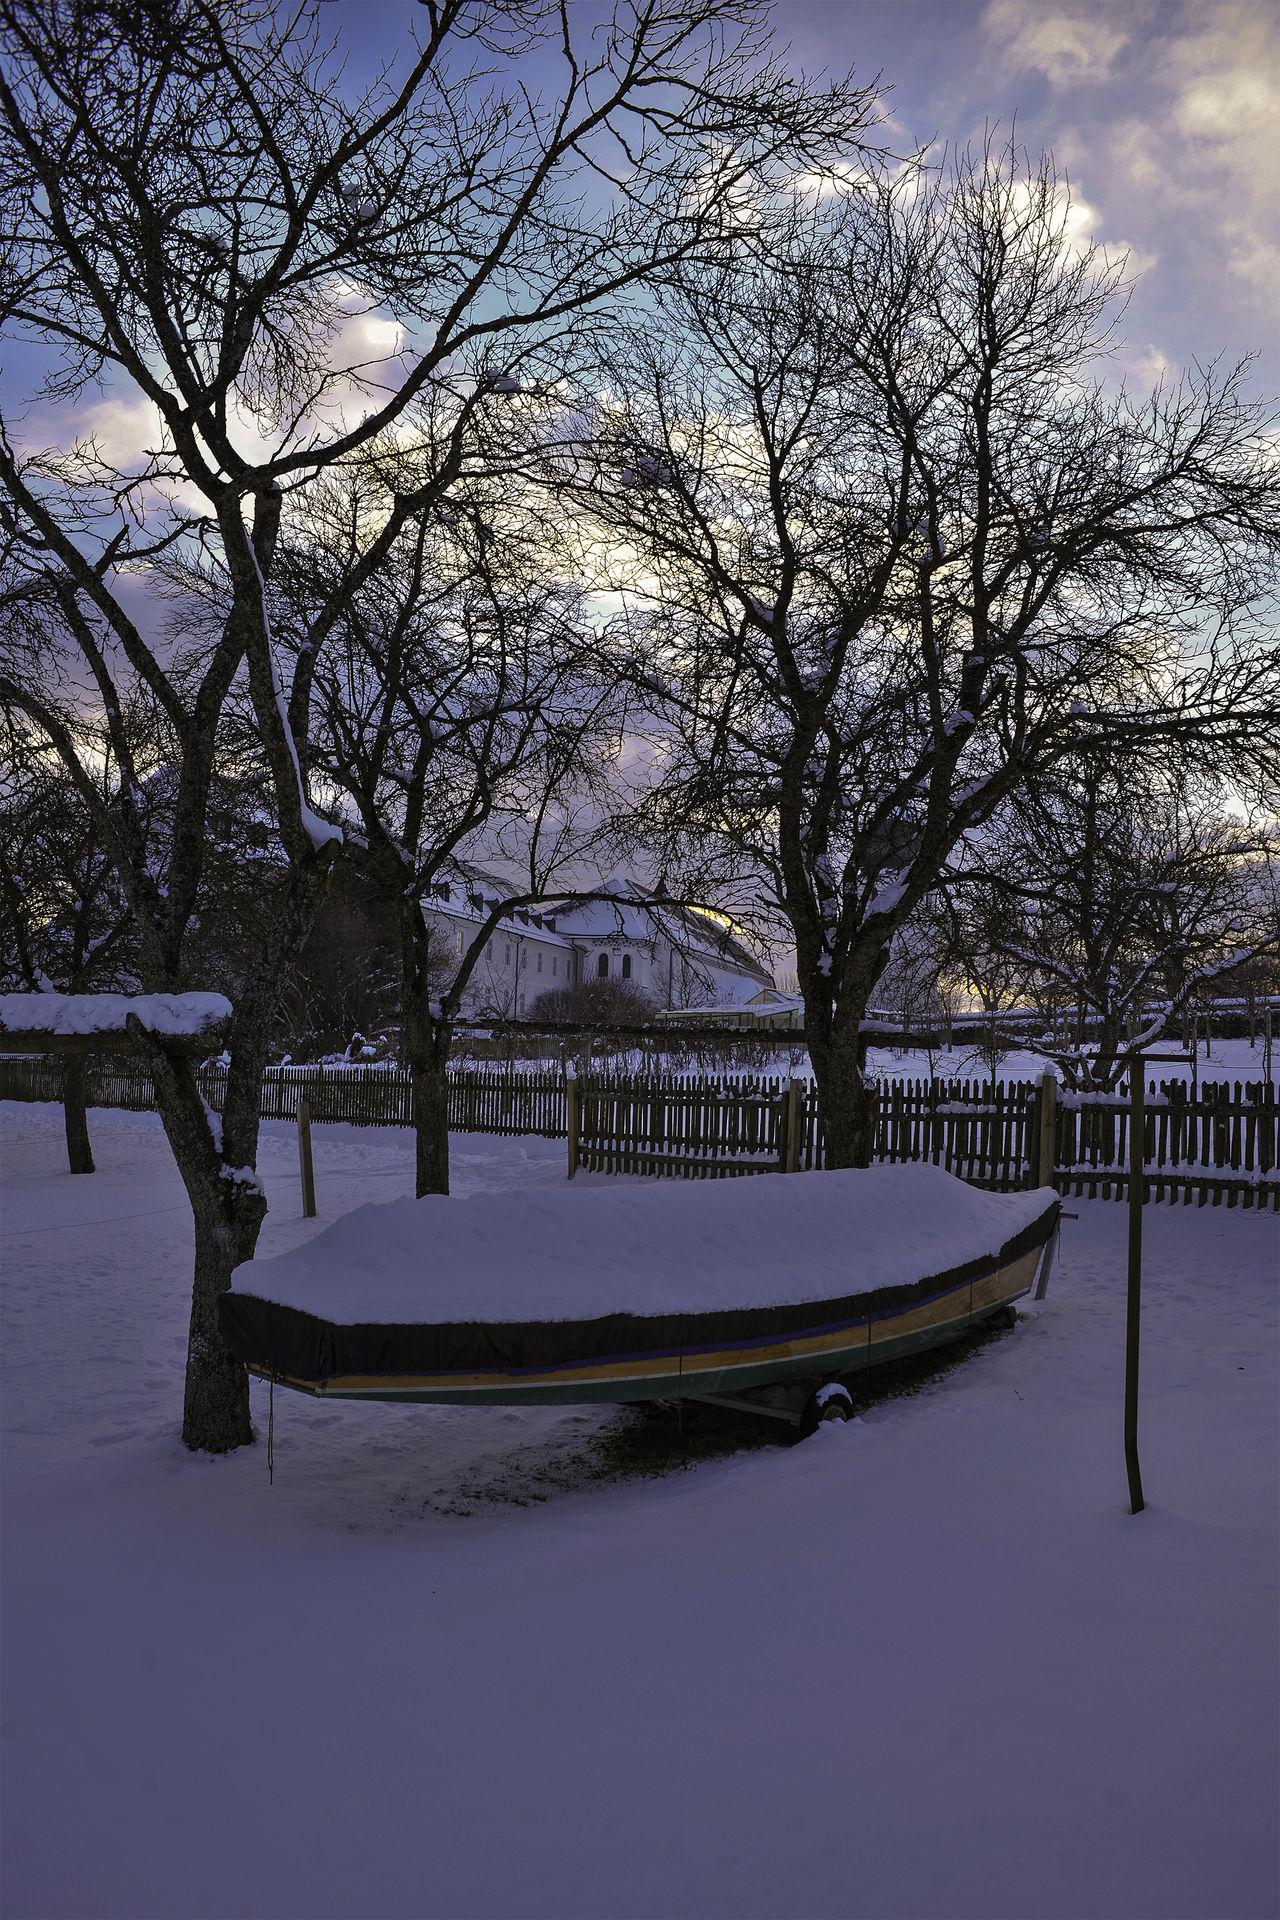 Boot Boot Fischerboot Nature No People Outdoors Snow Tree Winter